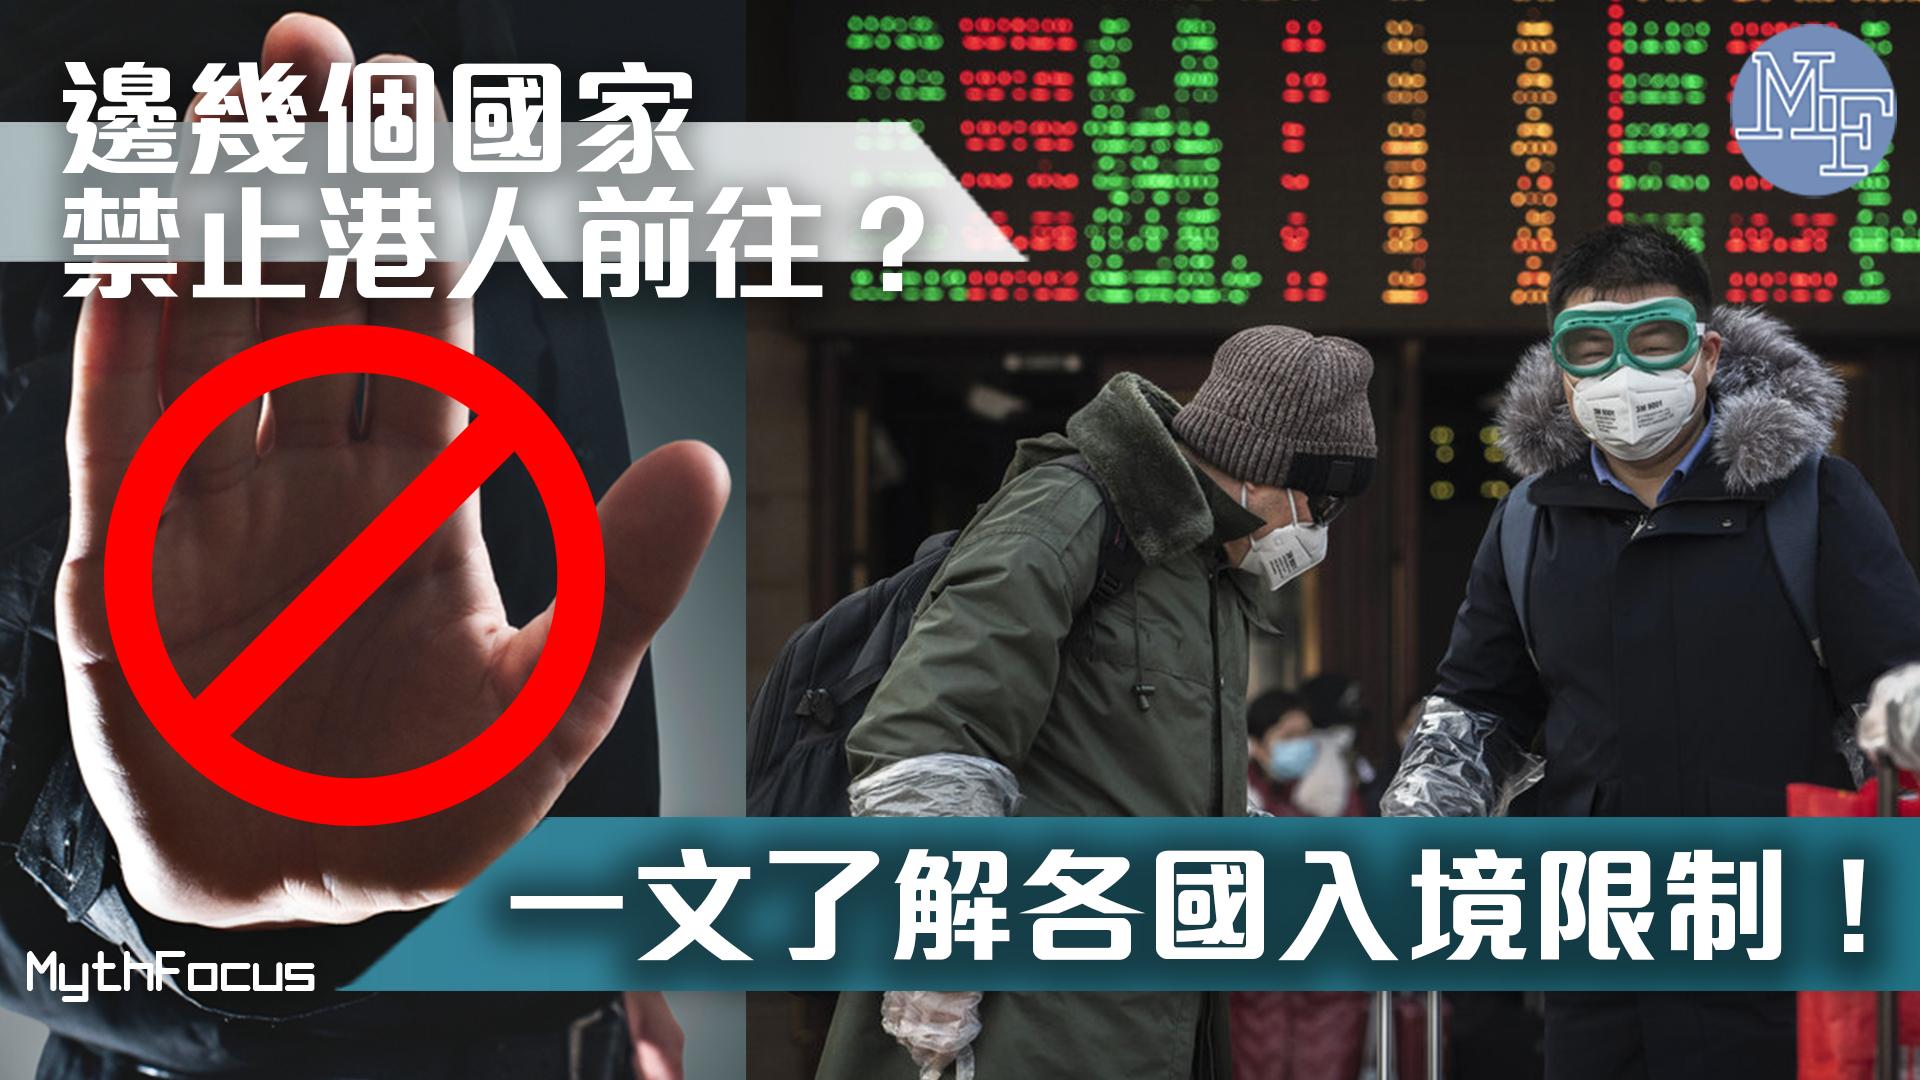 【武漢肺炎】哪些國家禁止香港人入境?一文了解各國對華限制